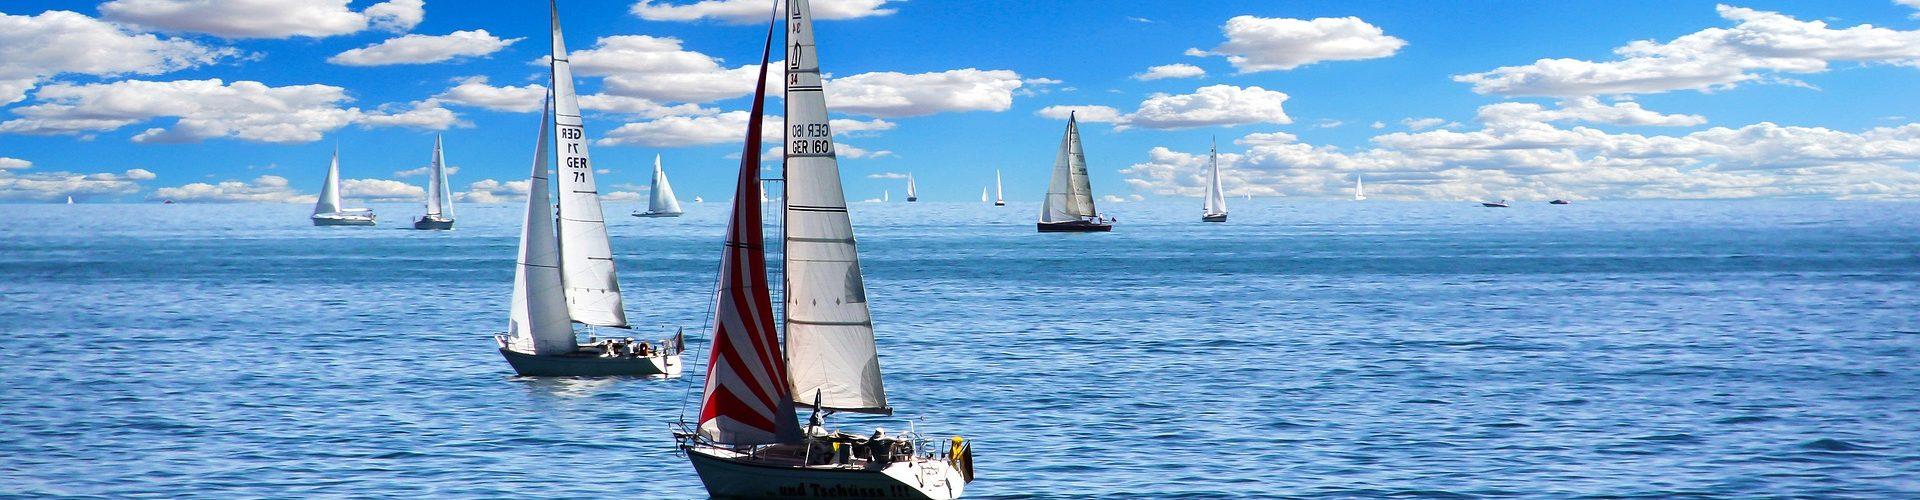 segeln lernen in Oberursel segelschein machen in Oberursel 1920x500 - Segeln lernen in Oberursel